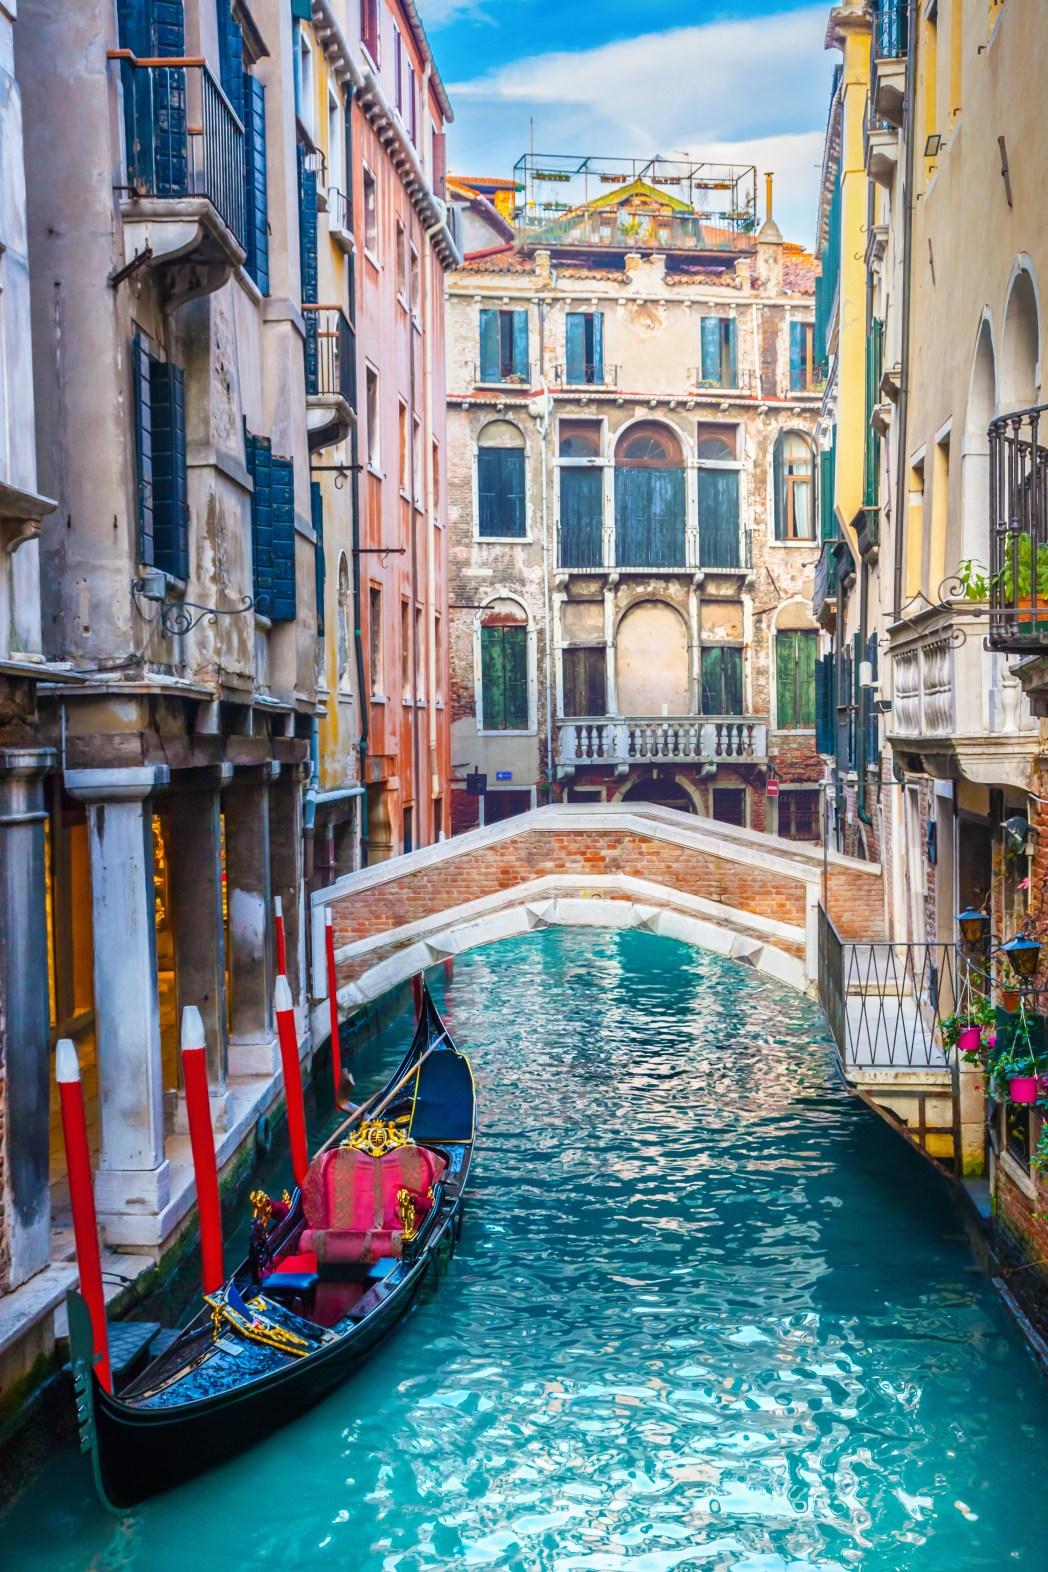 Χαρακτηριστικό της όμορφης Βενετίας κανάλι